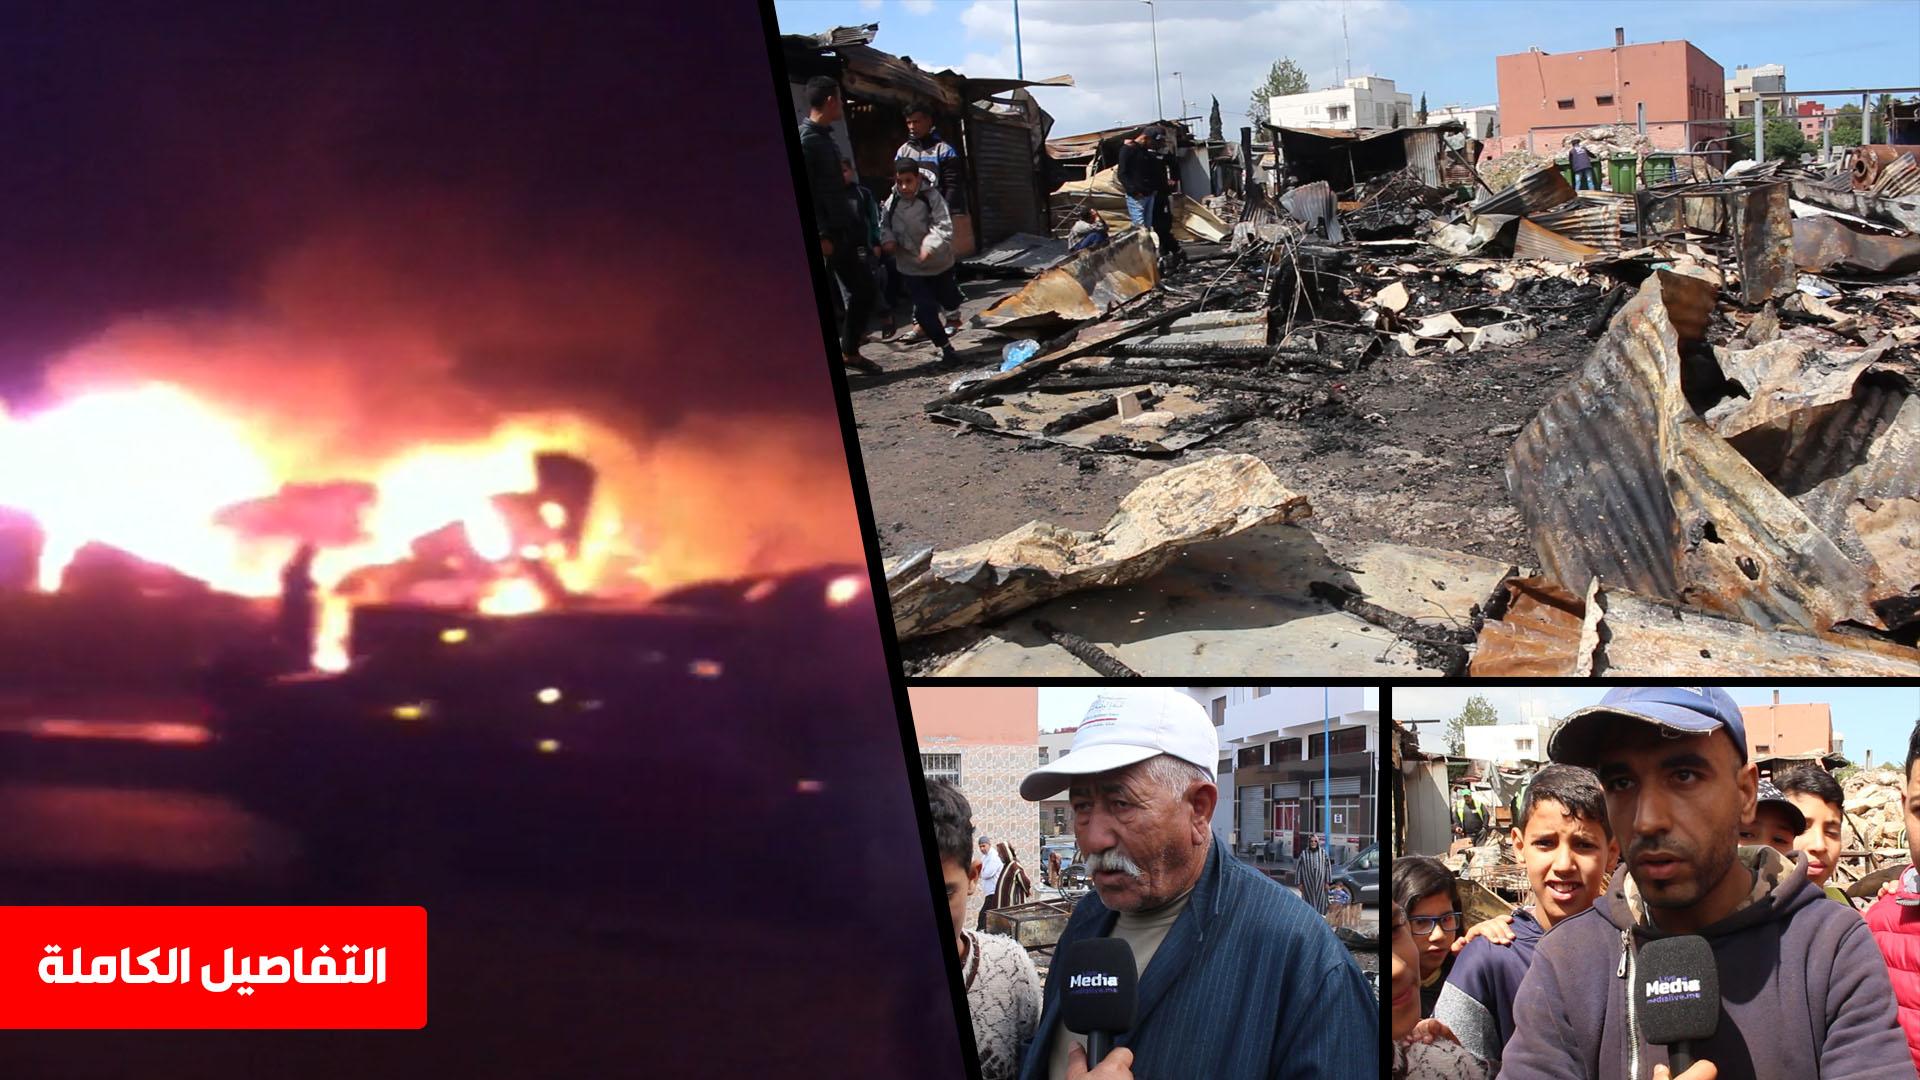 شوفوا شنو وقع بعين حرودة .. حريق مهول يأتي على سوق عشوائي وهدا ما حصل